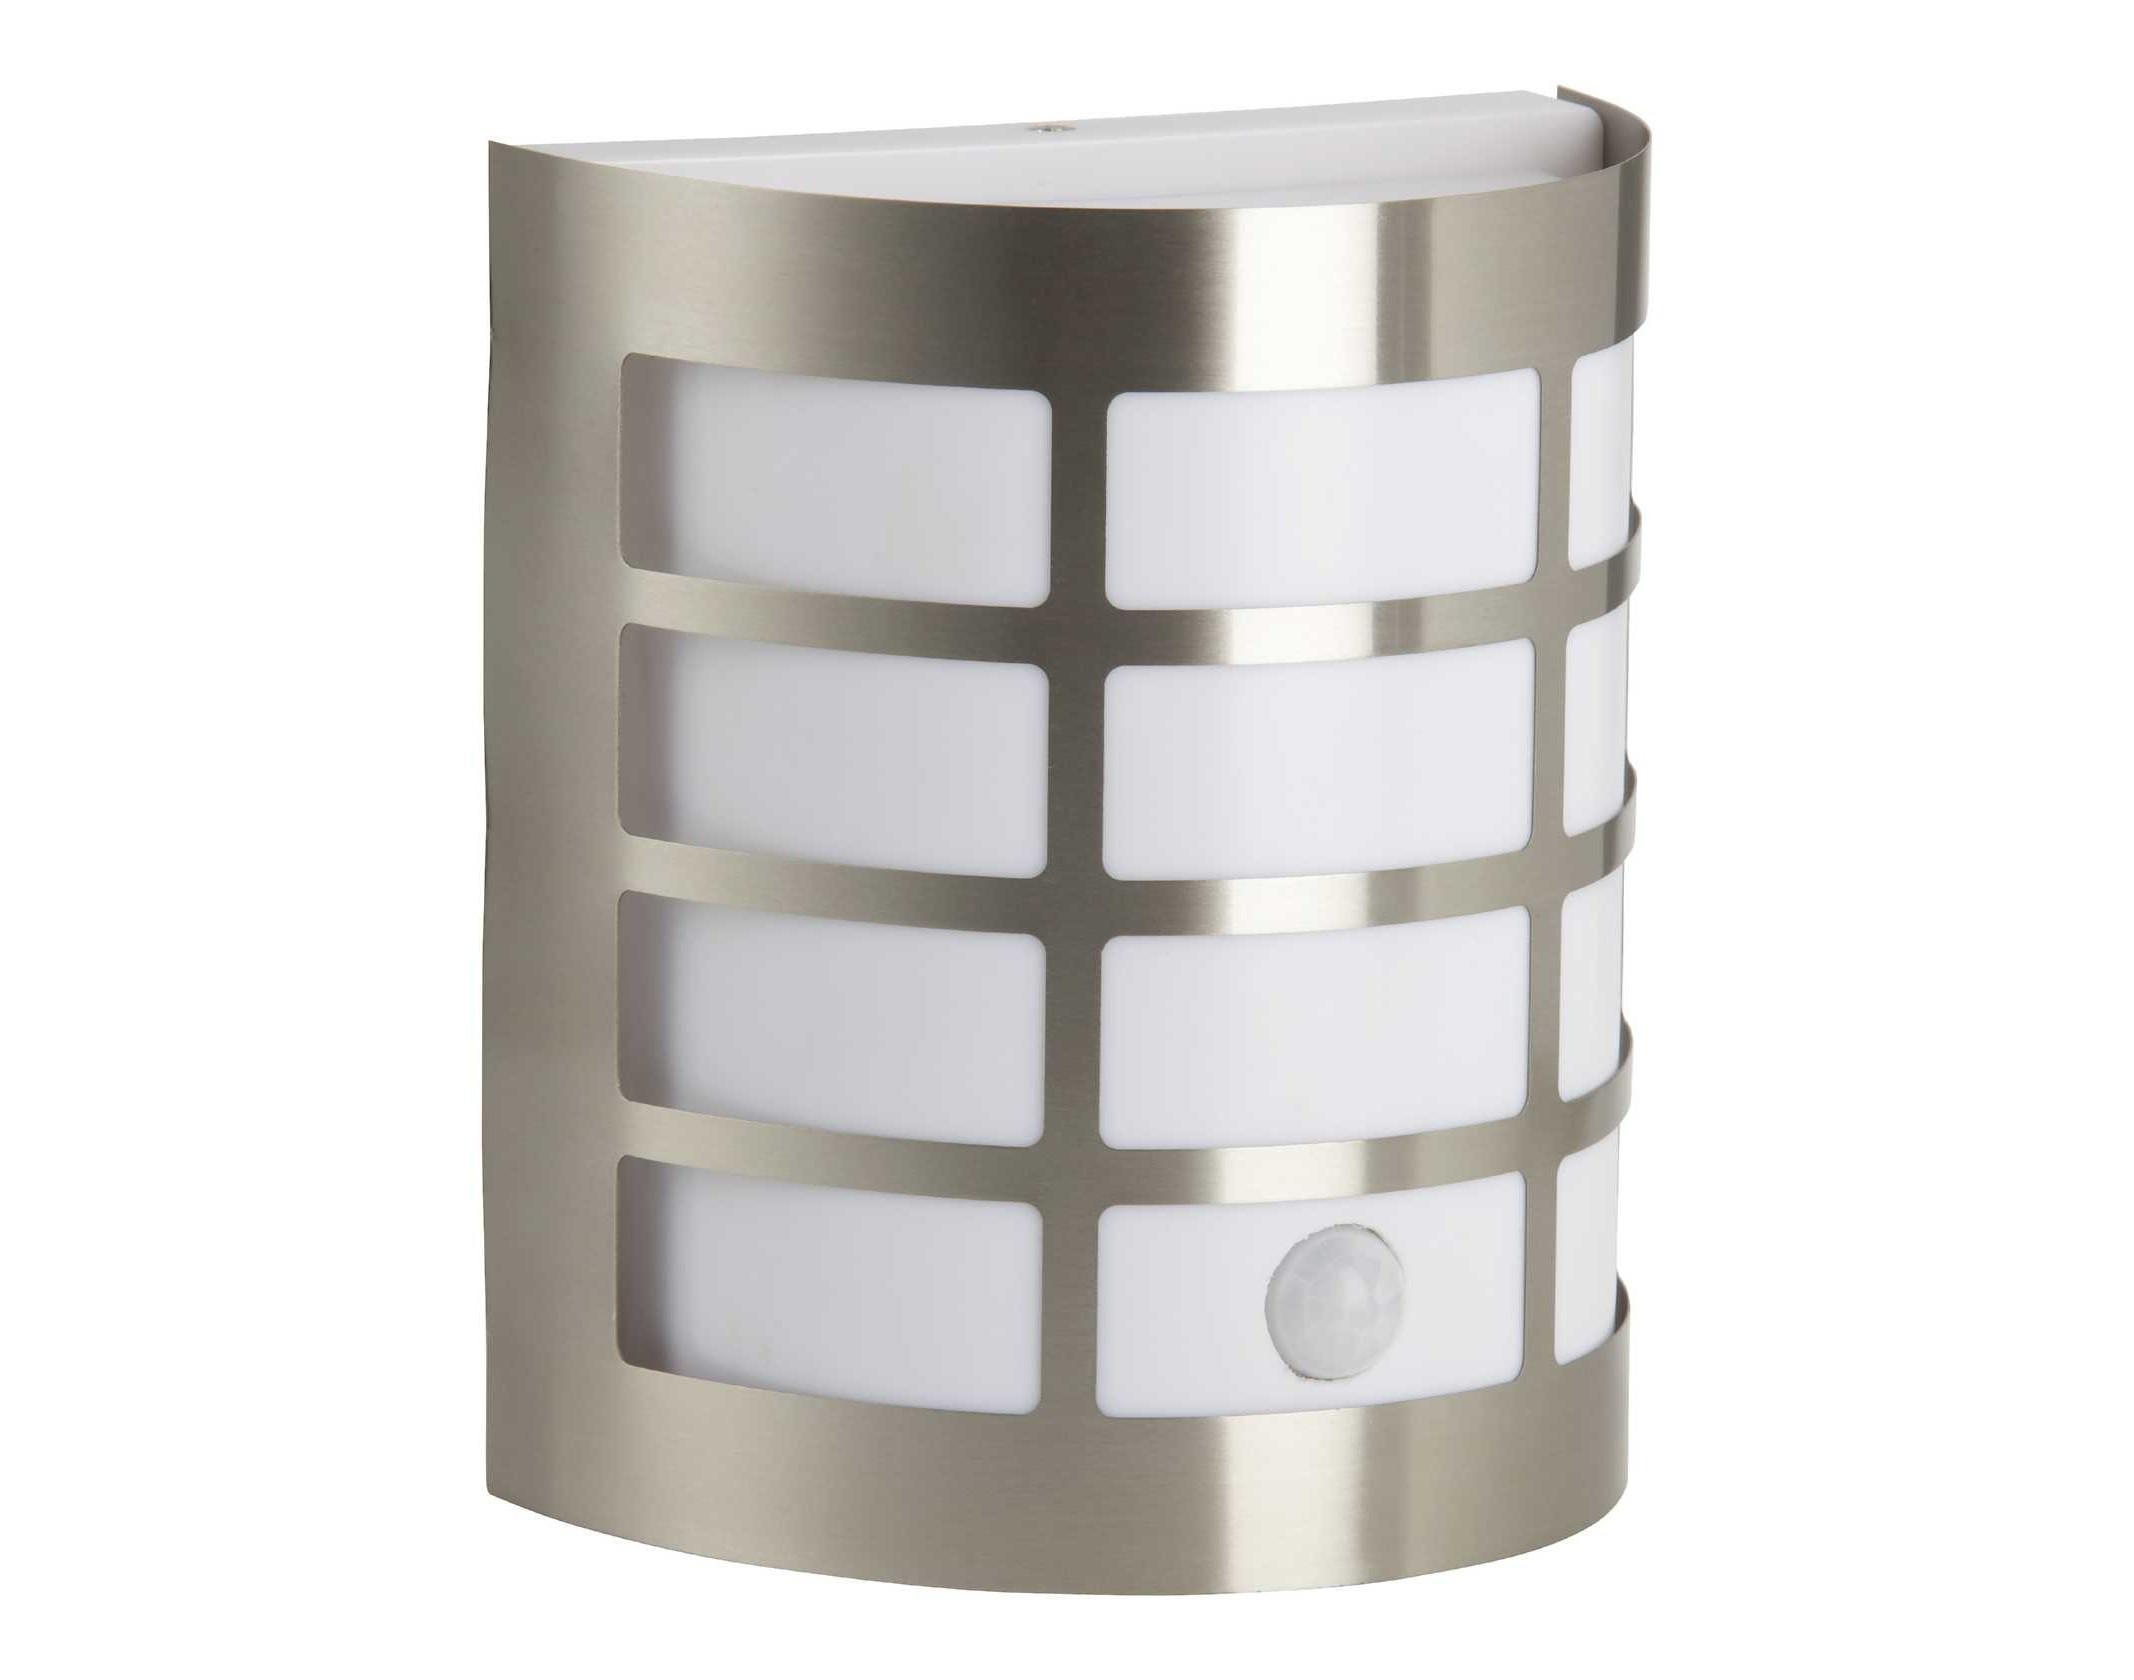 Светильник уличный RuneУличные подвесные и потолочные светильники<br>&amp;lt;div&amp;gt;&amp;lt;span style=&amp;quot;line-height: 1.78571;&amp;quot;&amp;gt;Цоколь: E27&amp;lt;/span&amp;gt;&amp;lt;br&amp;gt;&amp;lt;/div&amp;gt;&amp;lt;div&amp;gt;&amp;lt;div&amp;gt;Мощность лампы: 60W&amp;lt;/div&amp;gt;&amp;lt;div&amp;gt;Количество ламп: 1&amp;amp;nbsp;&amp;lt;/div&amp;gt;&amp;lt;div&amp;gt;Наличие ламп: отсутствуют&amp;lt;/div&amp;gt;&amp;lt;/div&amp;gt;&amp;lt;div&amp;gt;&amp;lt;br&amp;gt;&amp;lt;/div&amp;gt;&amp;lt;br&amp;gt;<br><br>Material: Пластик<br>Width см: 11,5<br>Depth см: 7,5<br>Height см: 20